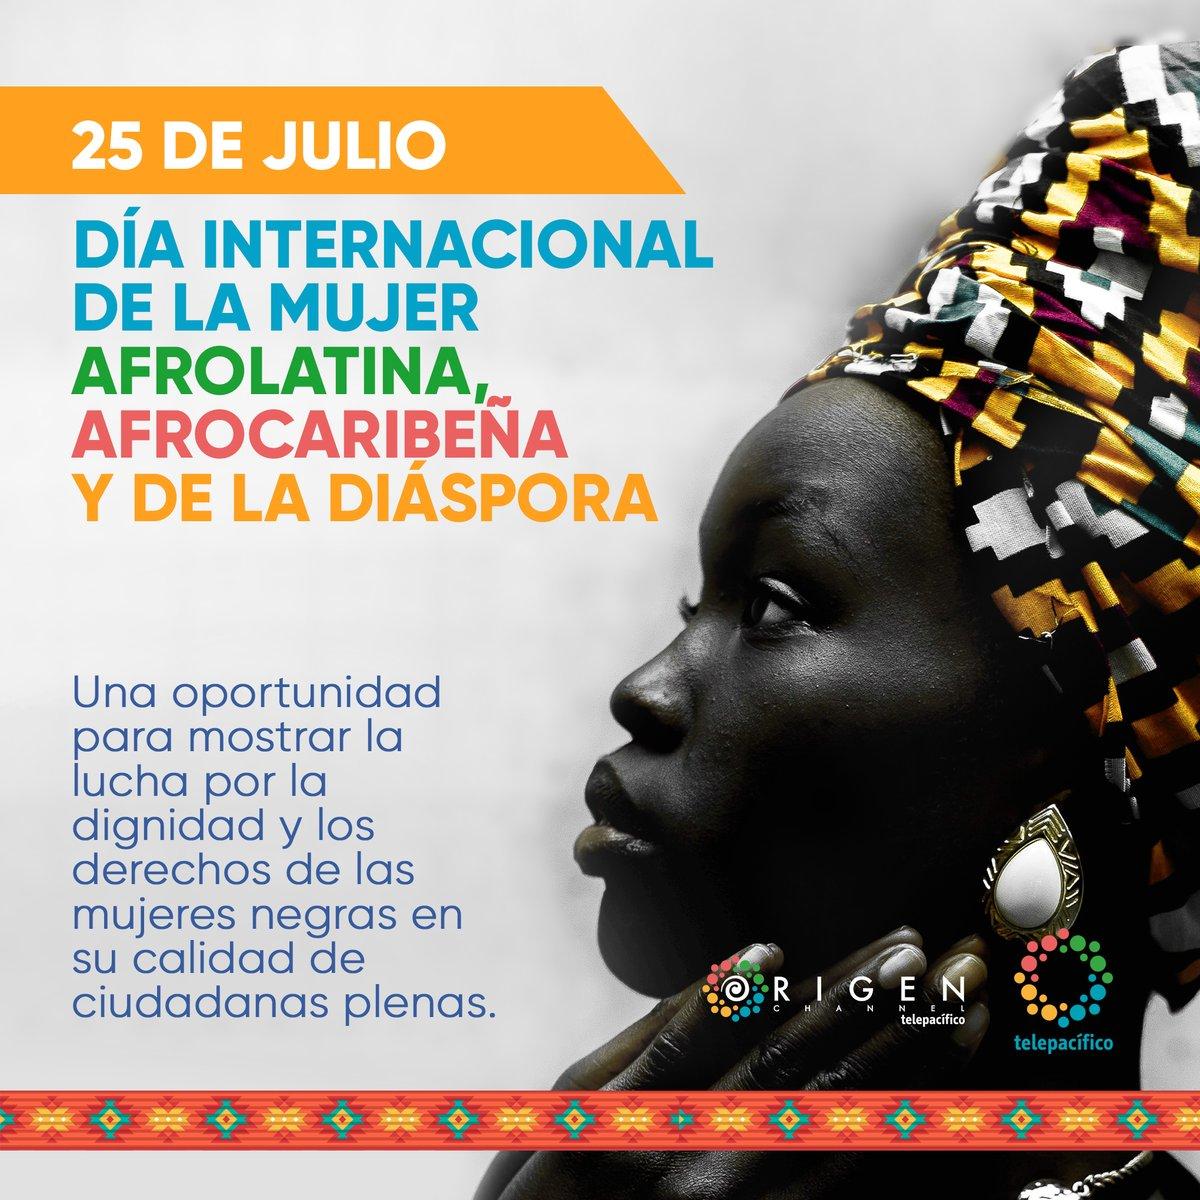 Hoy conmemoramos el Día Internacional de la Mujer Afrolatina, Afrocaribeña y de la Diáspora para rendir tributo a las luchas de las mujeres afrodescendientes y homenajeamos su poder y resistencia. https://t.co/dZ7PqeCiKR